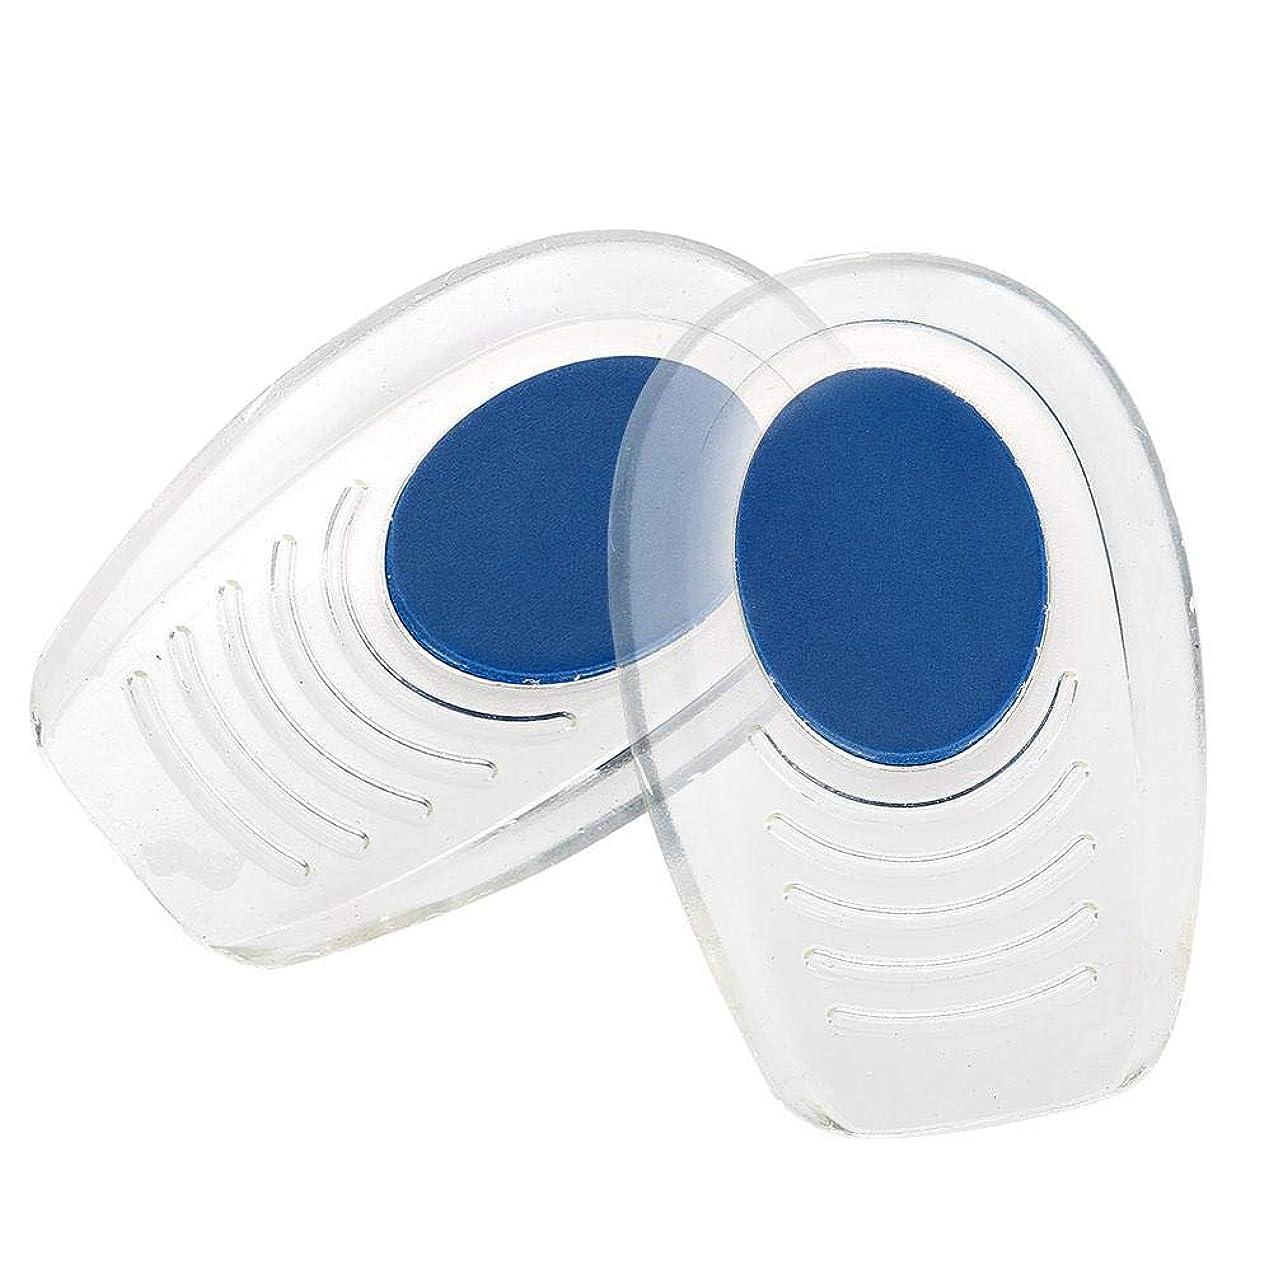 舌羽耐久ソフトインソール かかと痛みパッド ? シリコーン衝撃吸収ヒールパッド (滑り止めテクスチャー付) ブルー パッドフットケアツール (S(7*10.5CM))